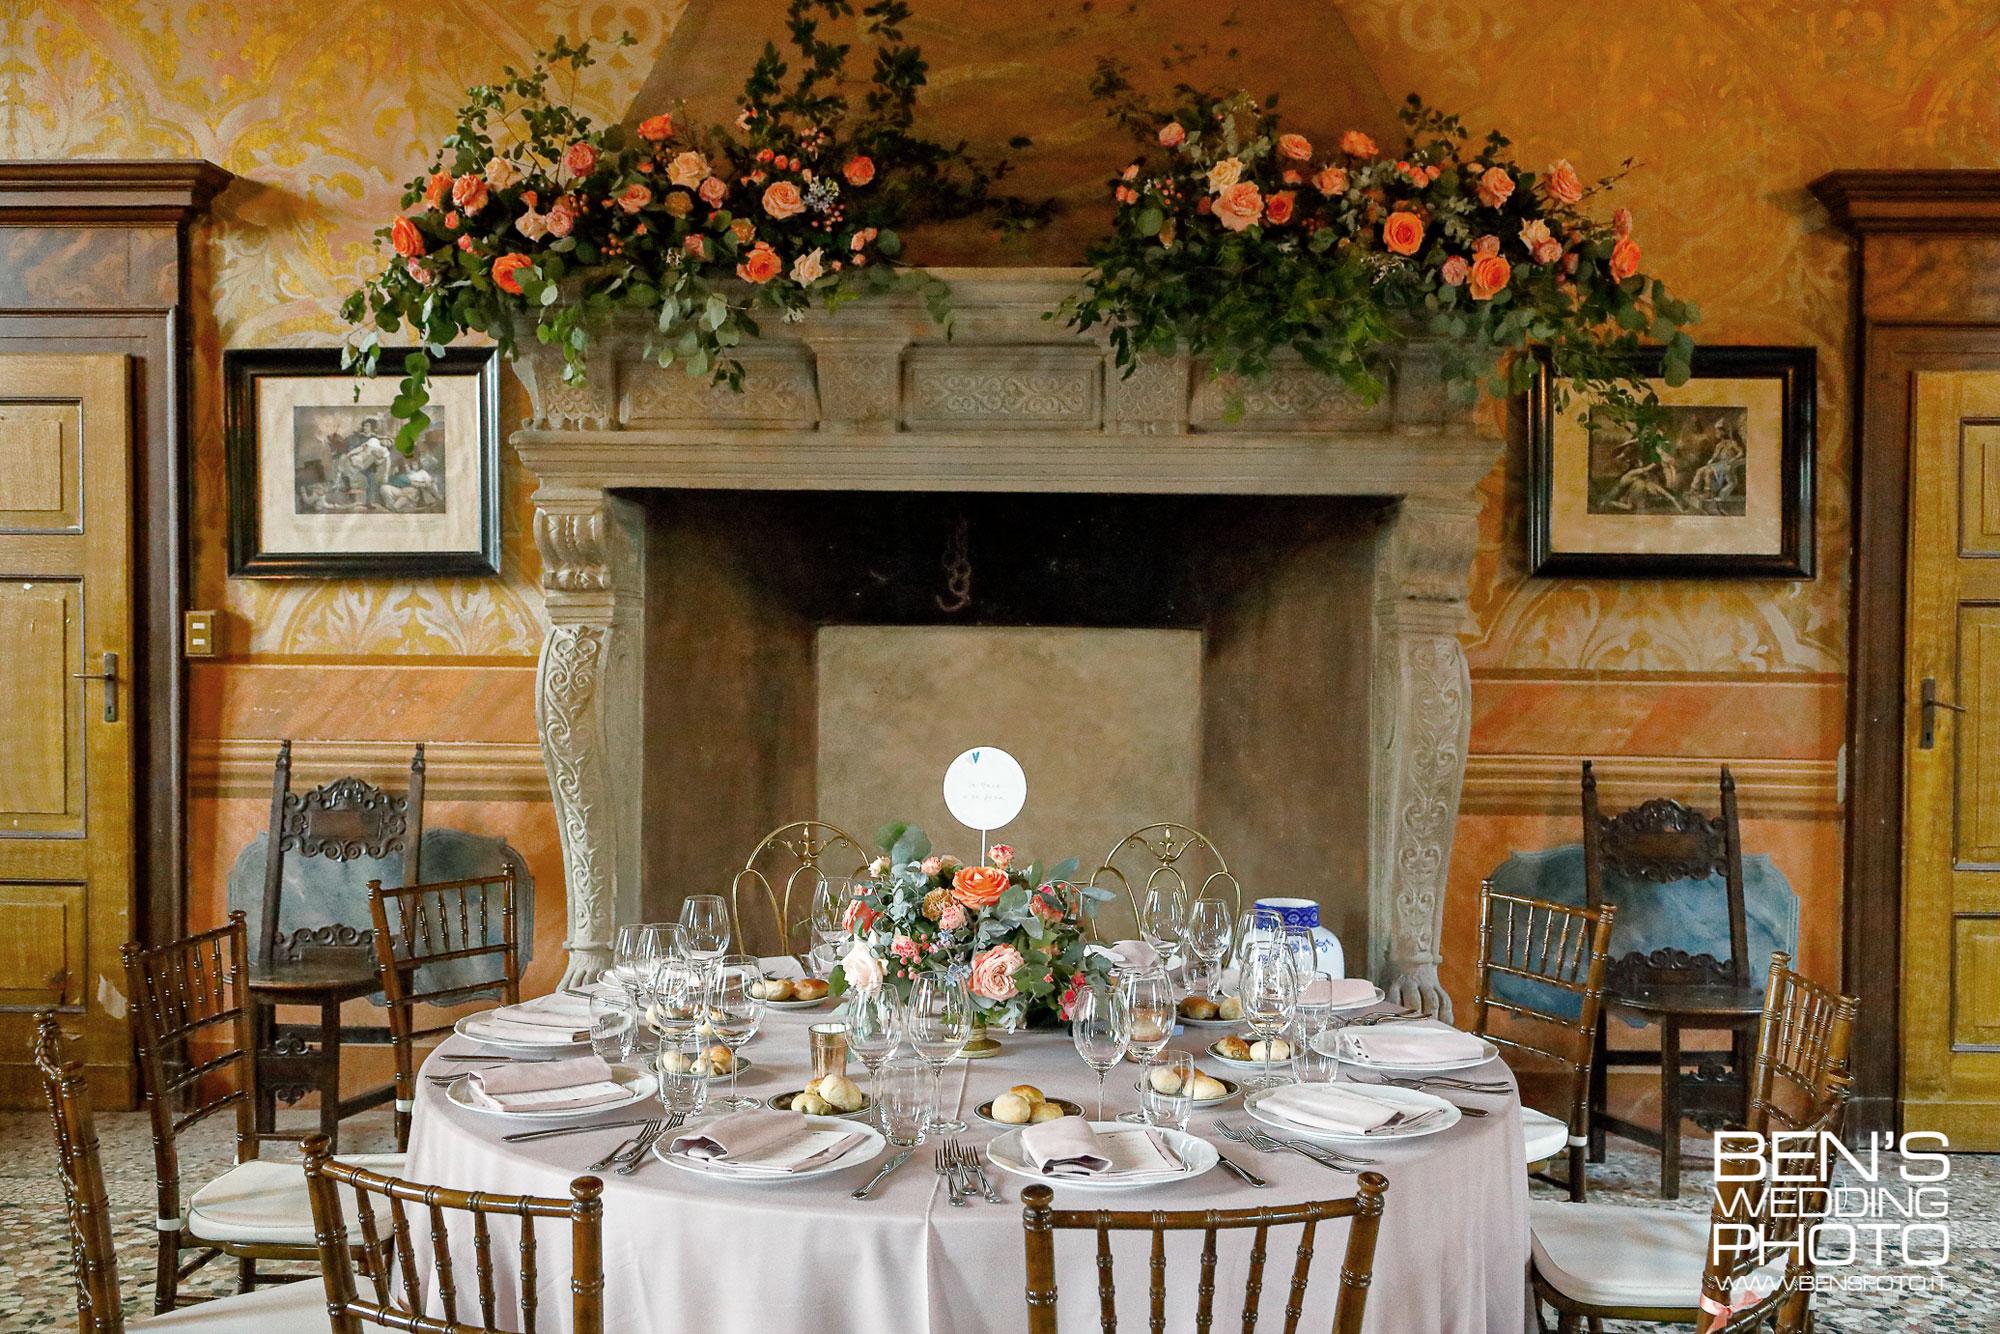 Onice Eventi, organizzazione matrimonio Lombardia, matrimonio romantico, ricevimento di nozze, mise ne place